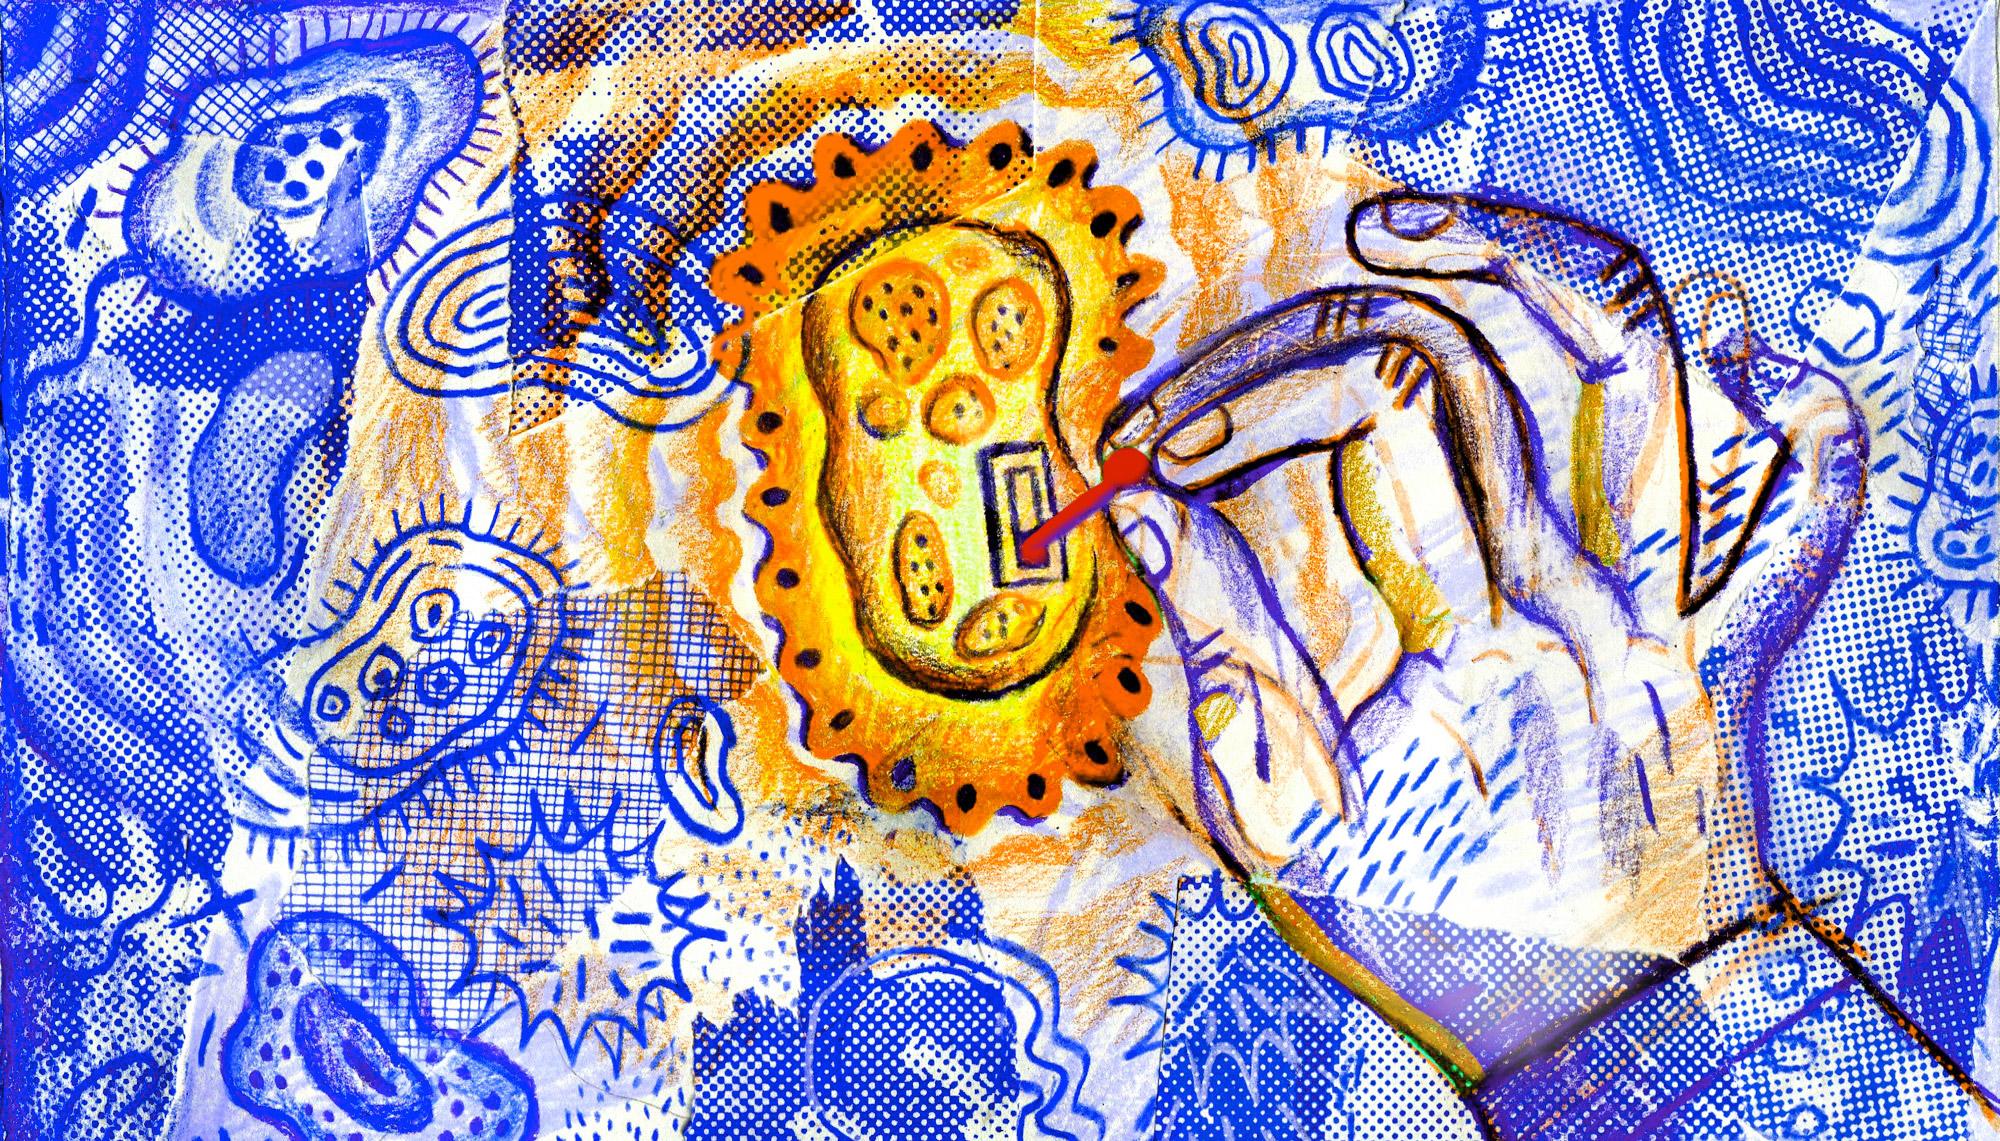 病気を治す人工バクテリア デザイナー菌に賭ける企業